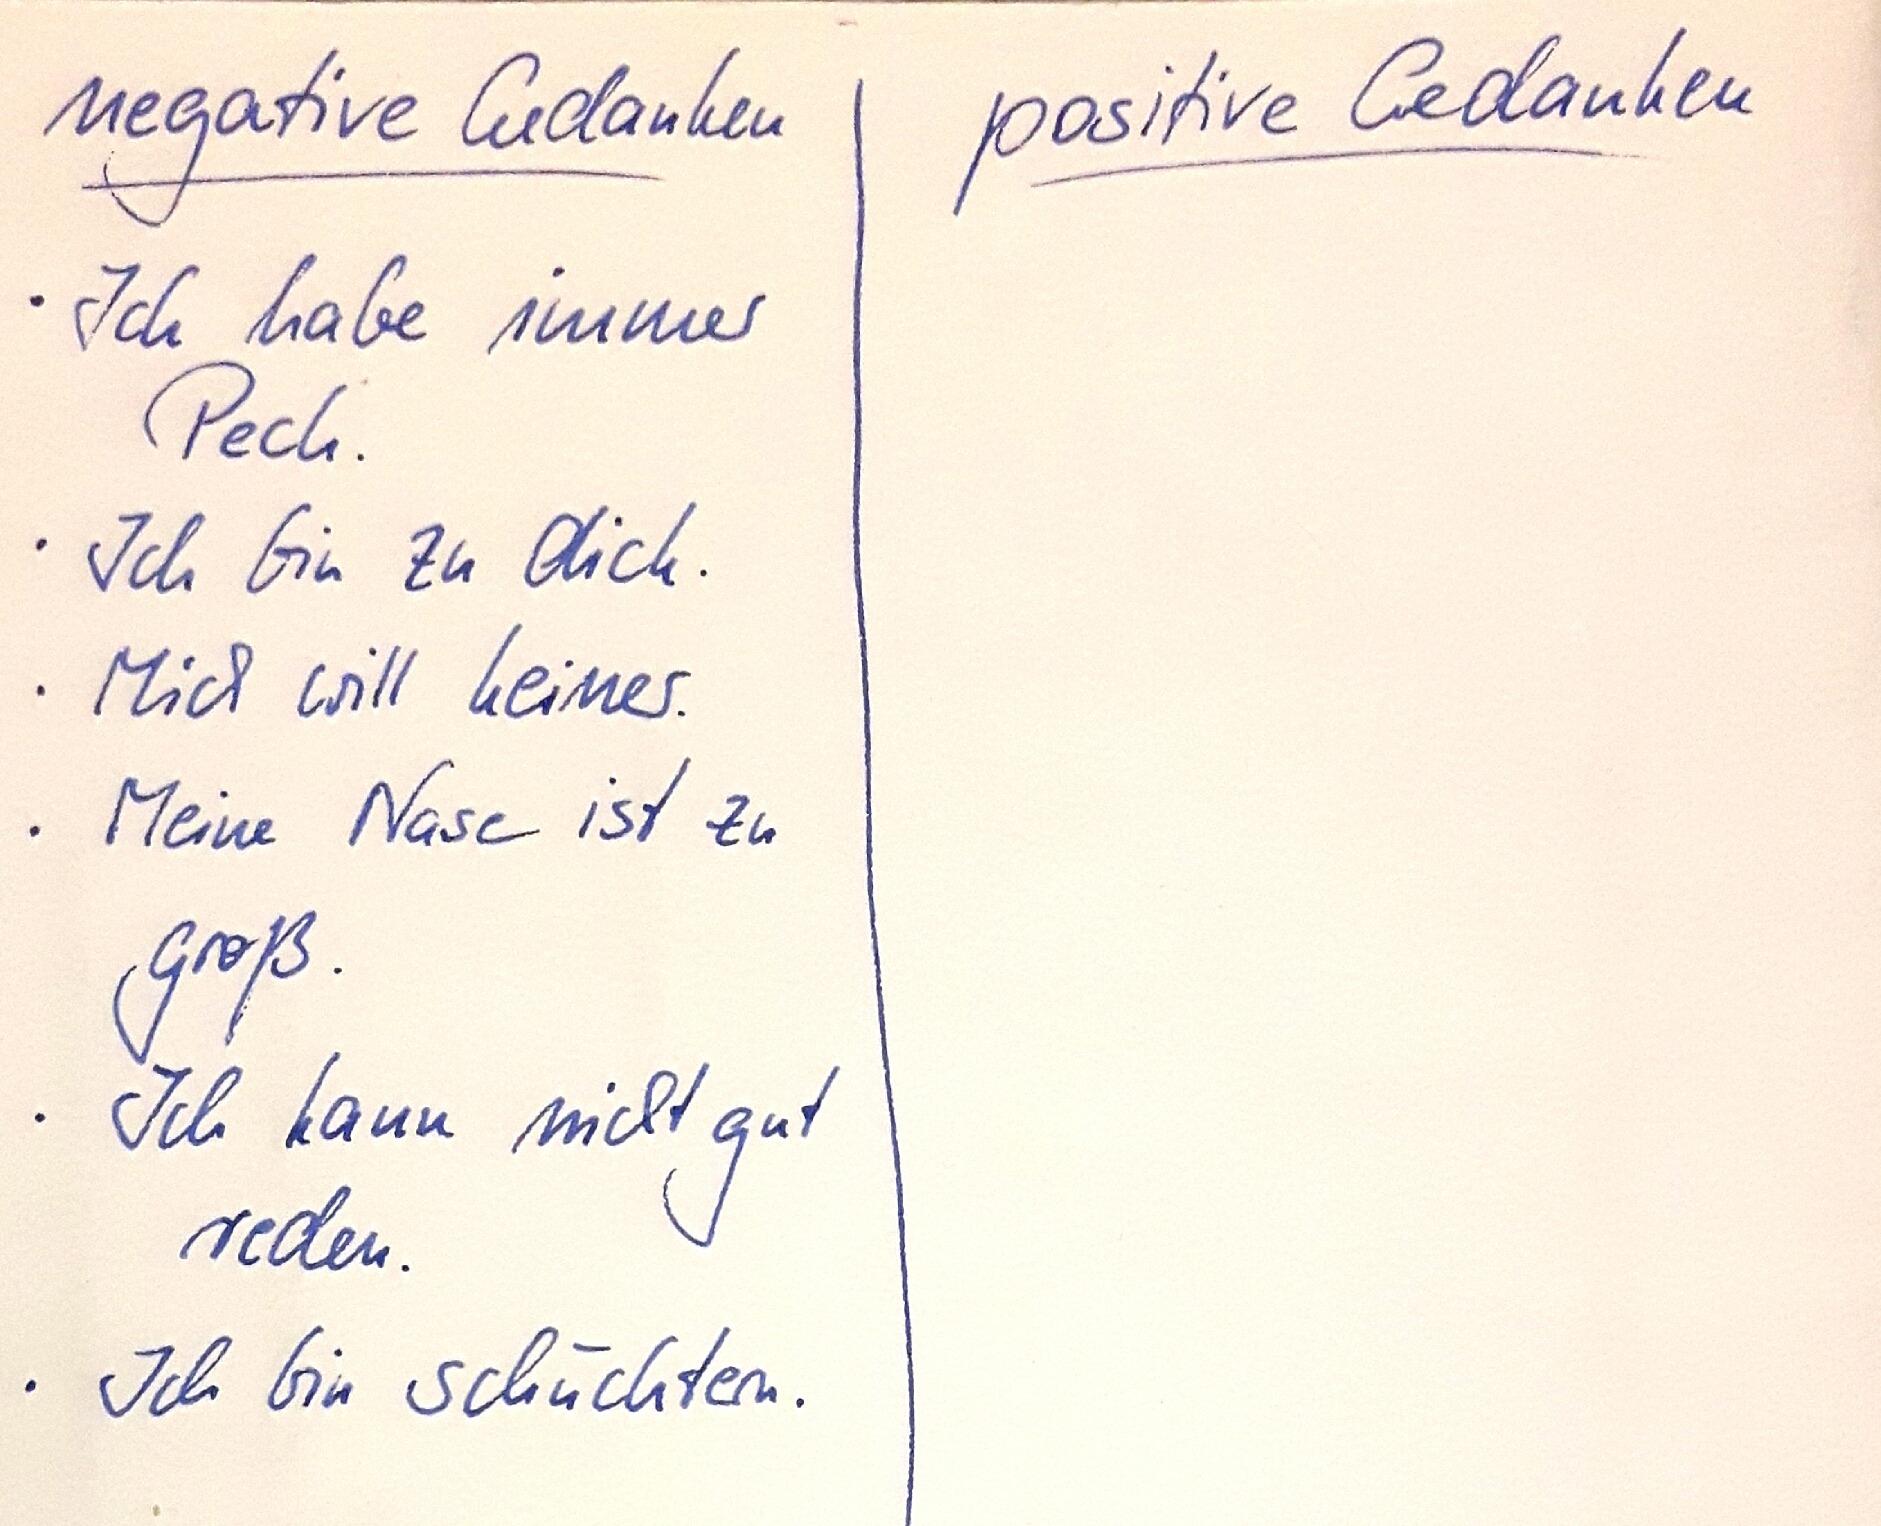 Beispiel-Liste mit negativen Gedanken